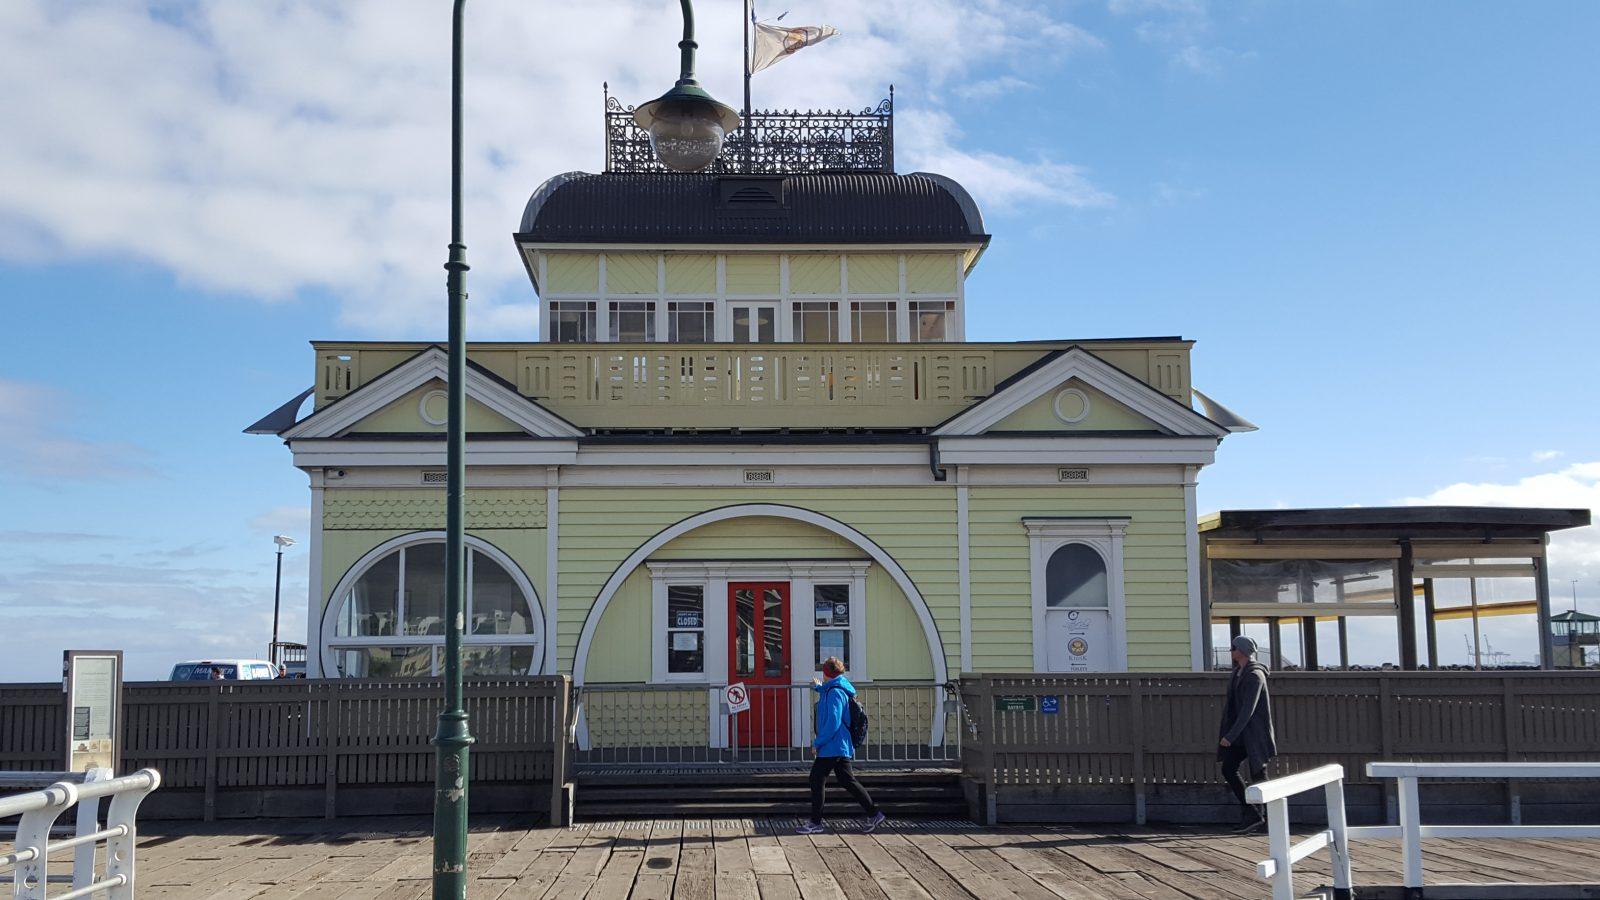 kiosque ponton St kilda